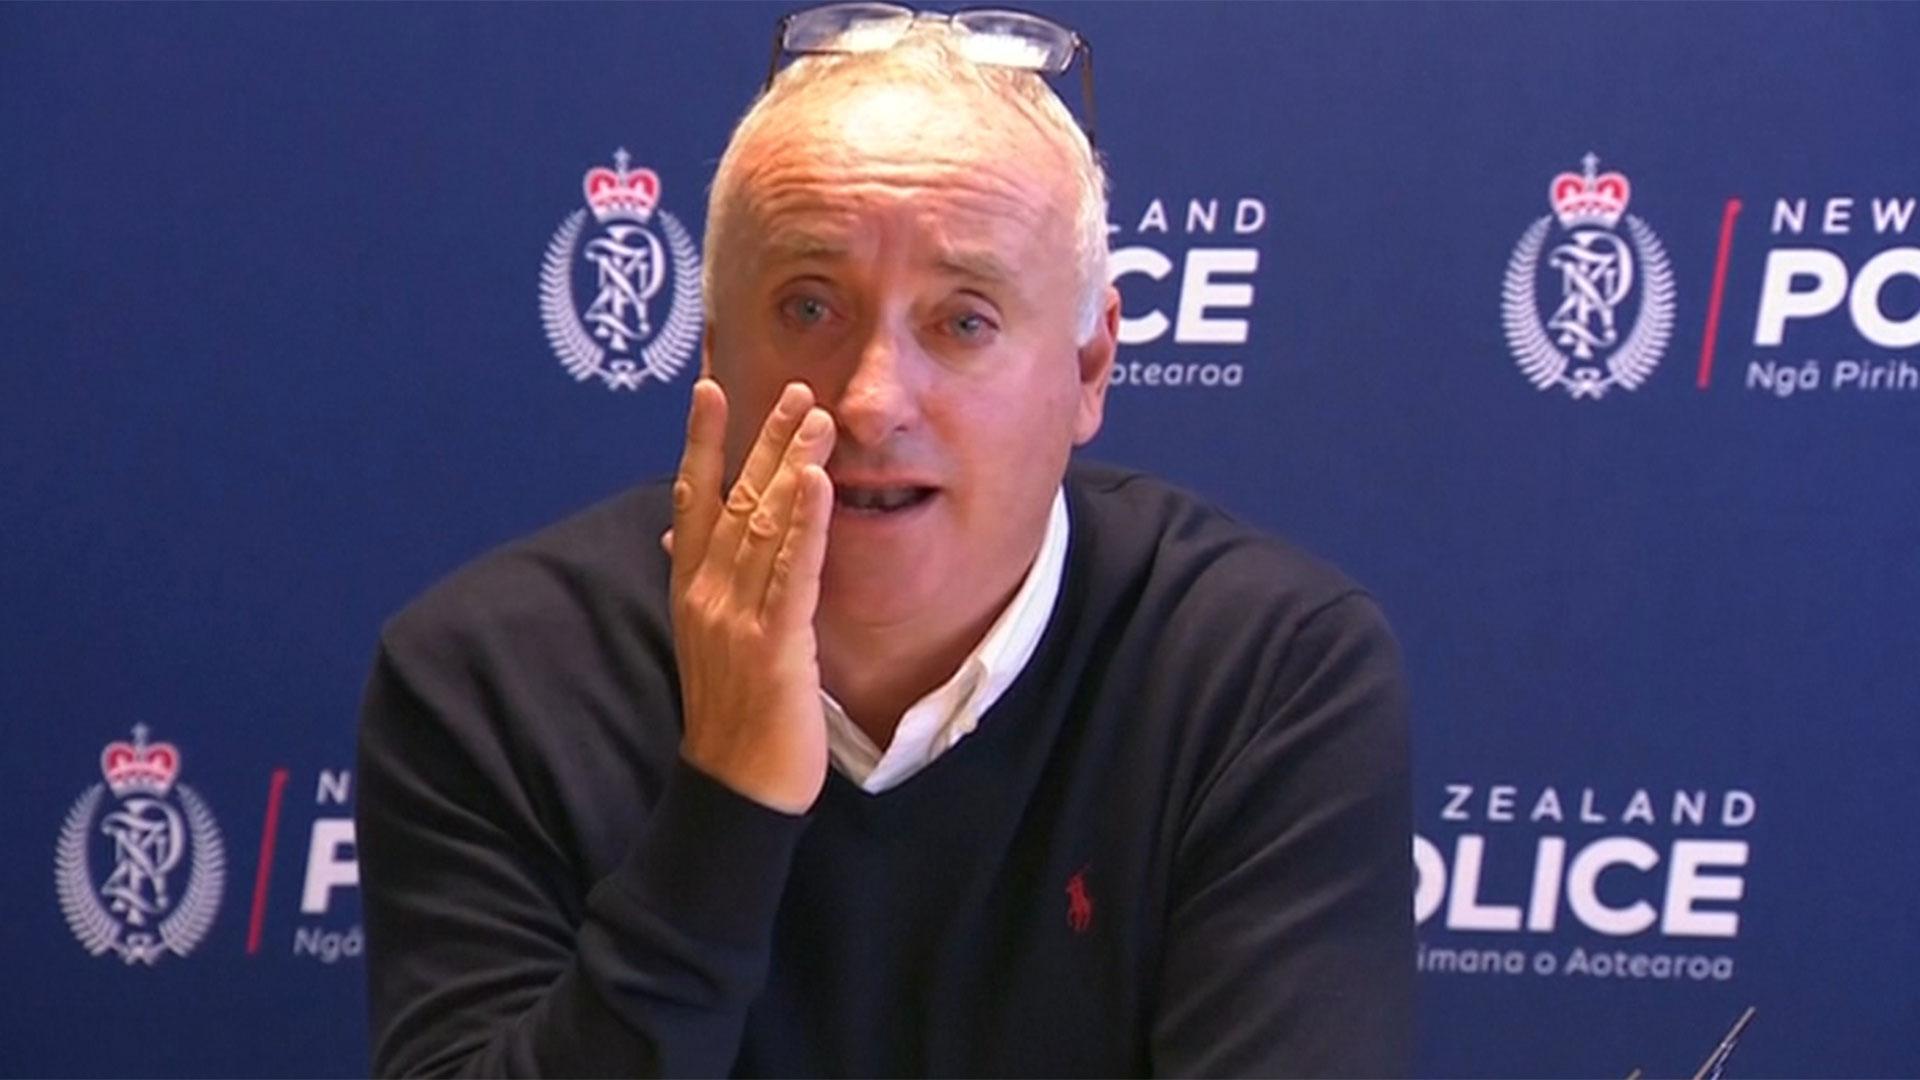 David Millane, de 60 años, viajó a Nueva Zelanda para estar cerca de los investigadores. Lloró ante la prensa pidiendo ayuda para encontrar a su hija (AP)